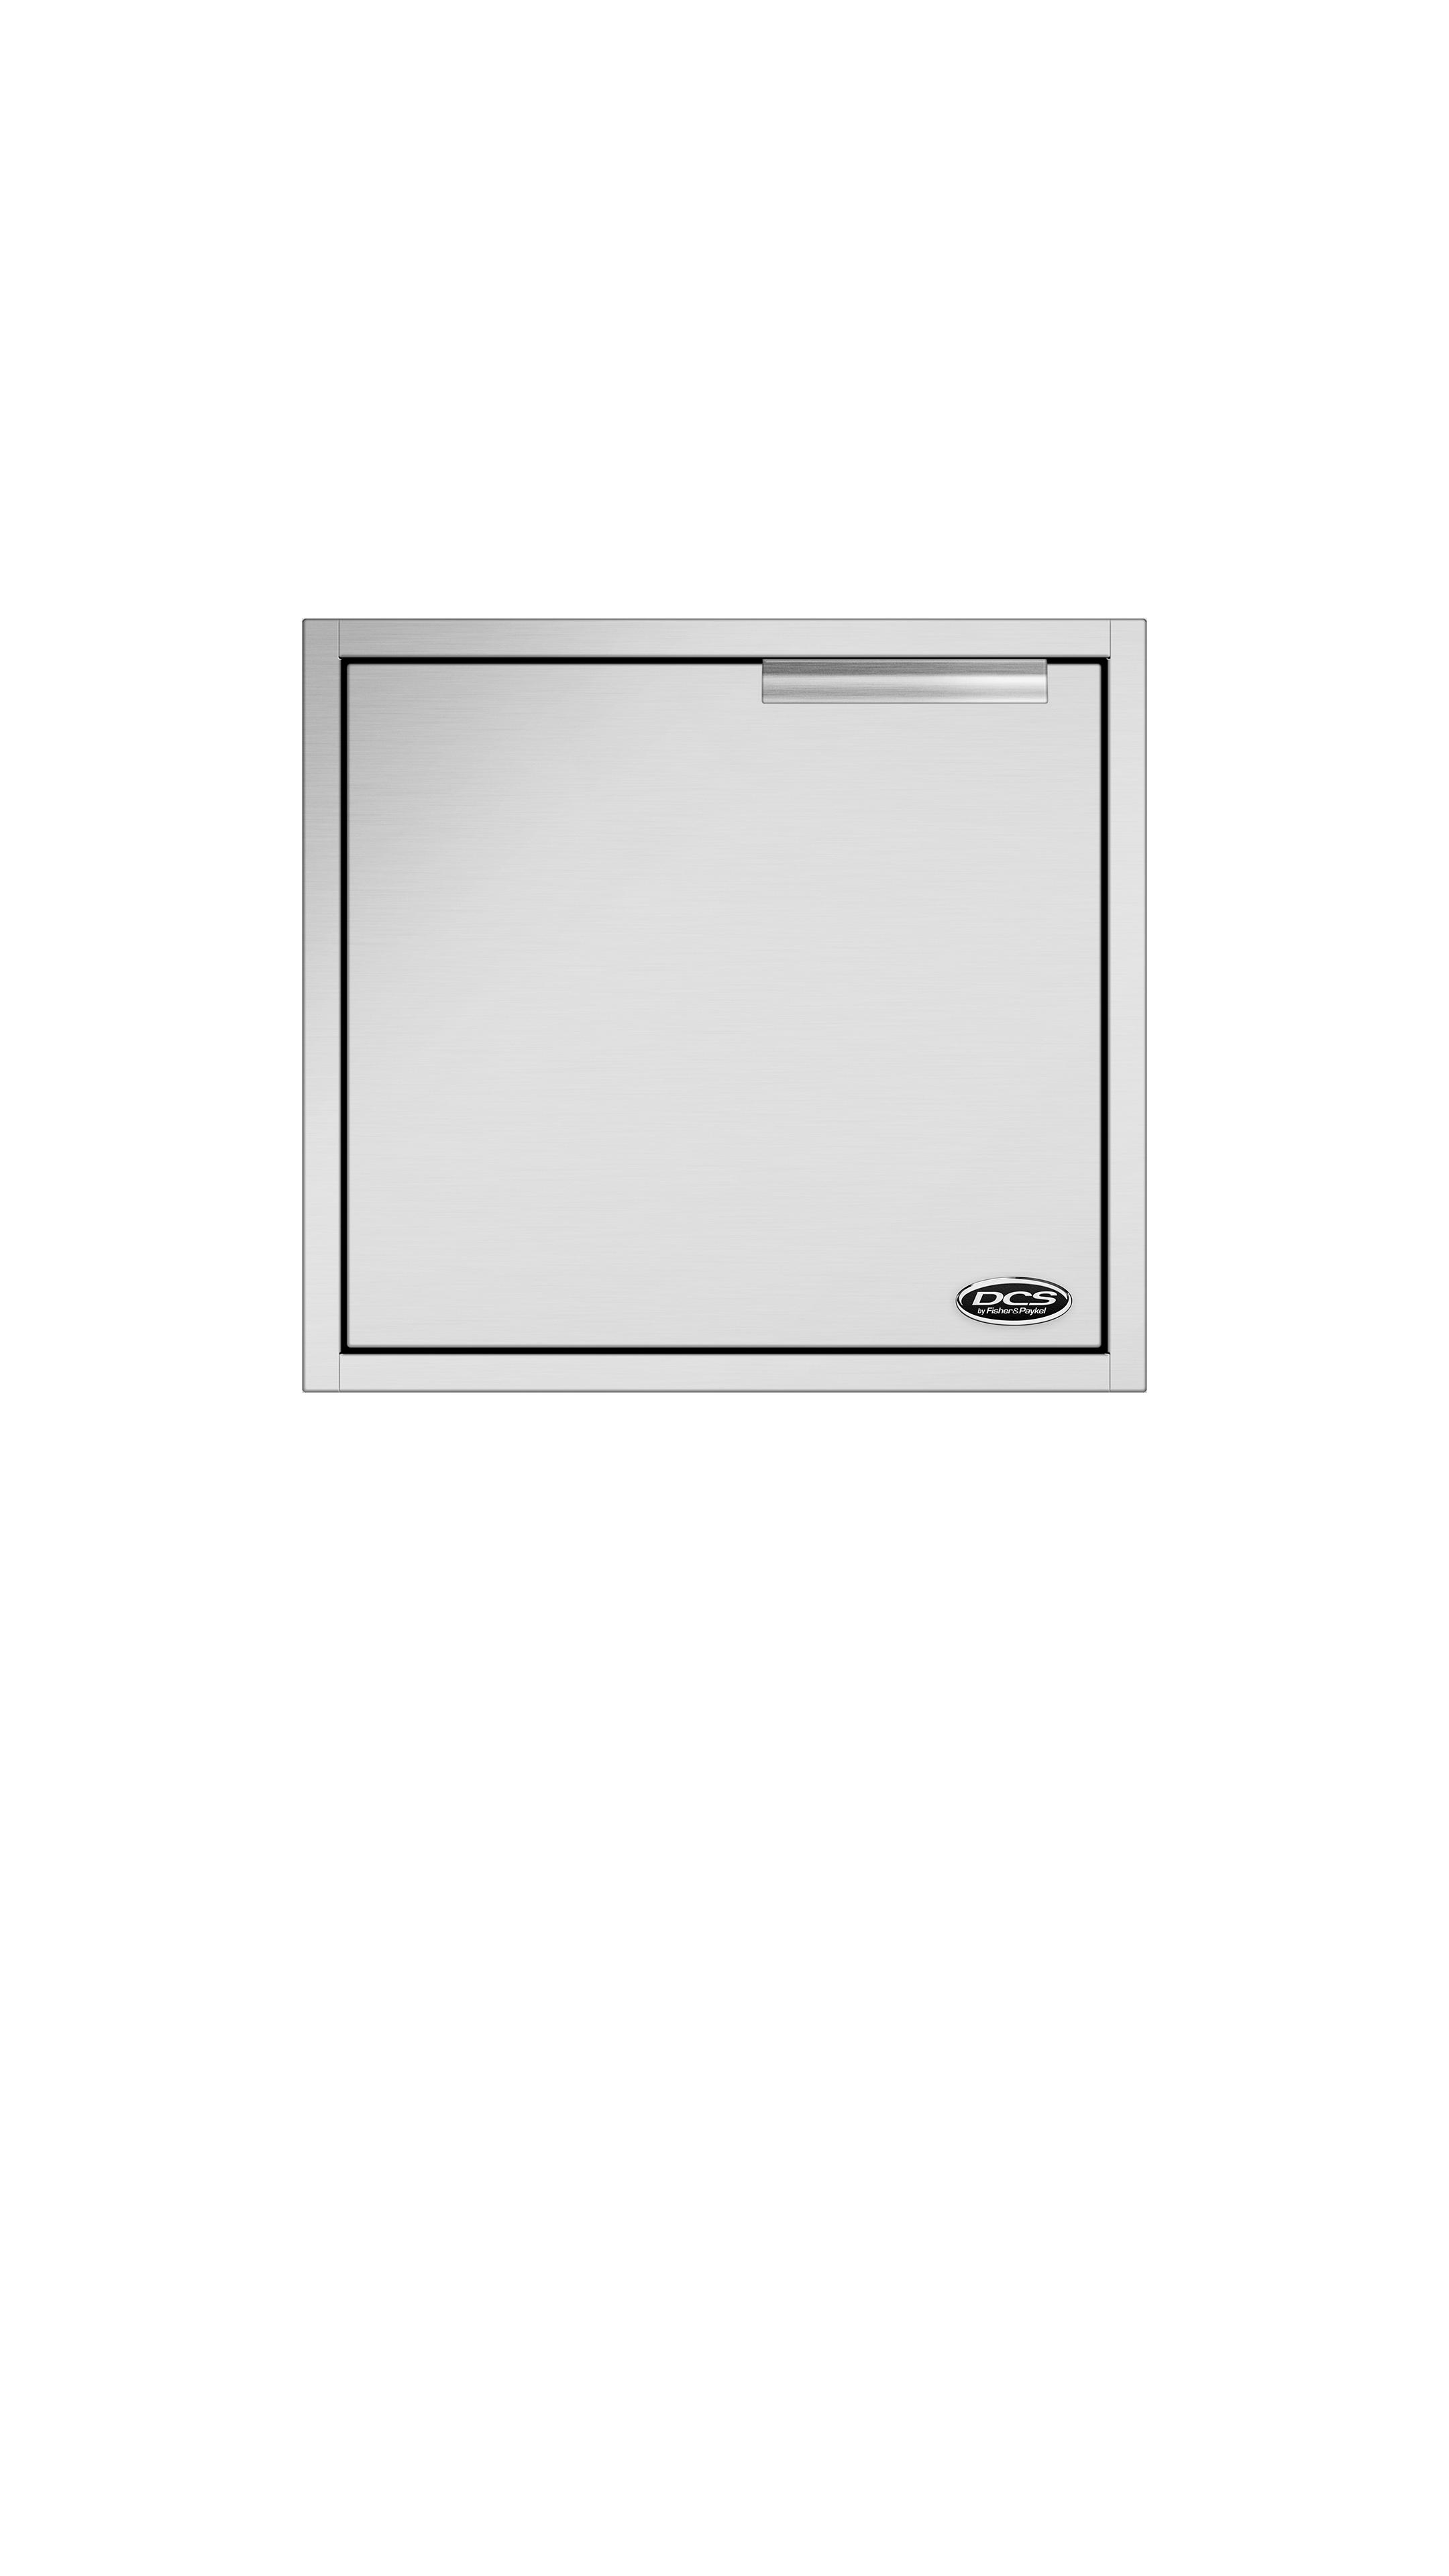 Model: ADN1-20X24 | DCS Access Doors Built-in